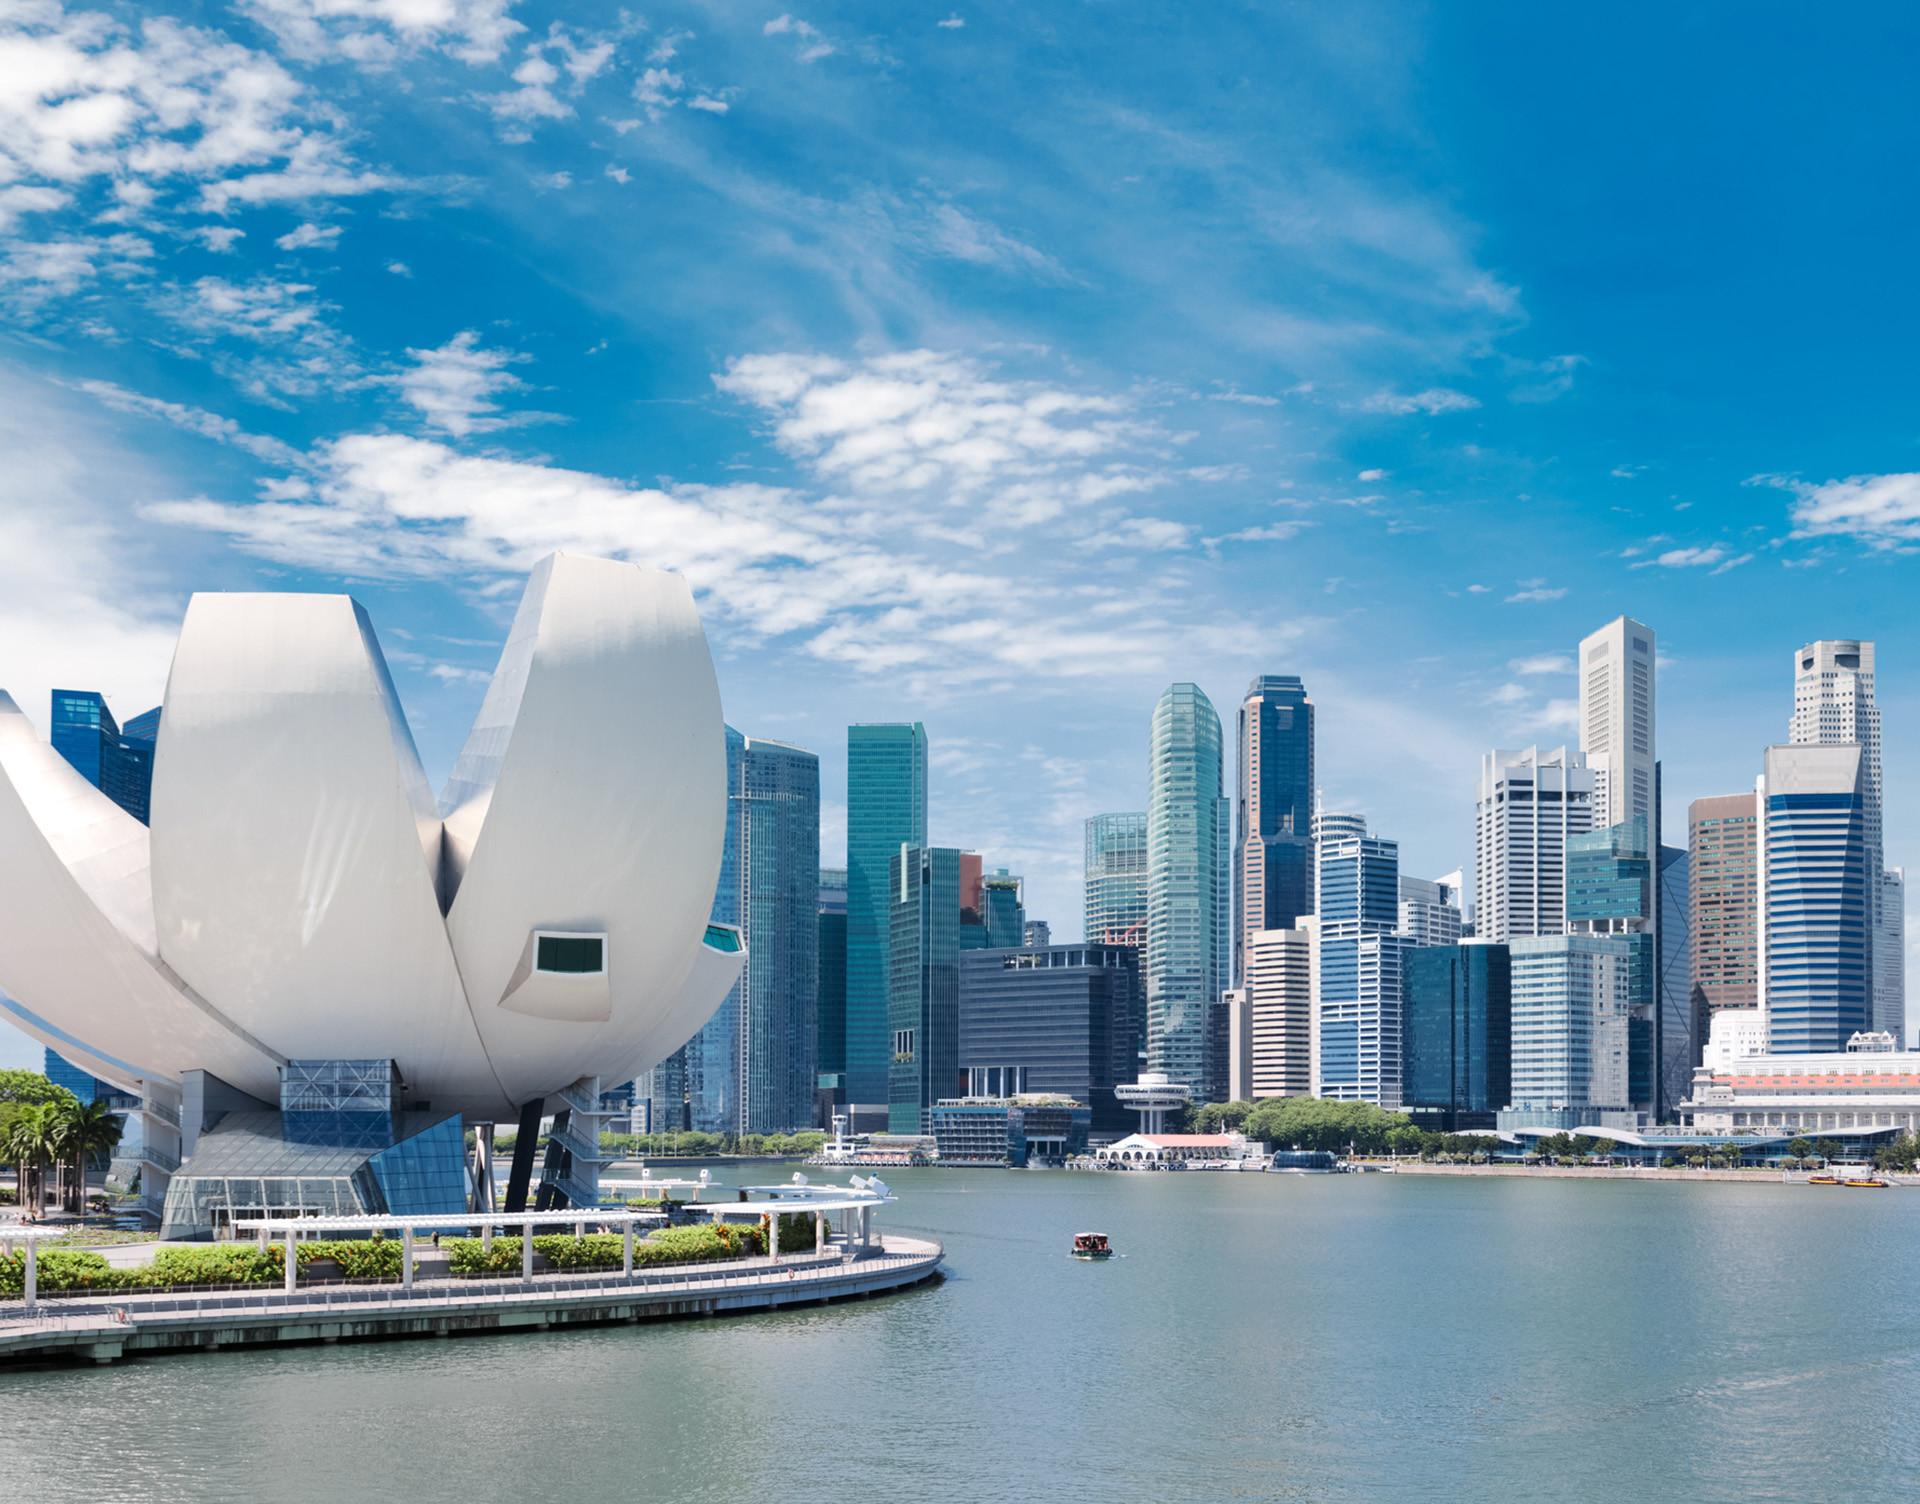 singapur ciudad-estado prosperidad